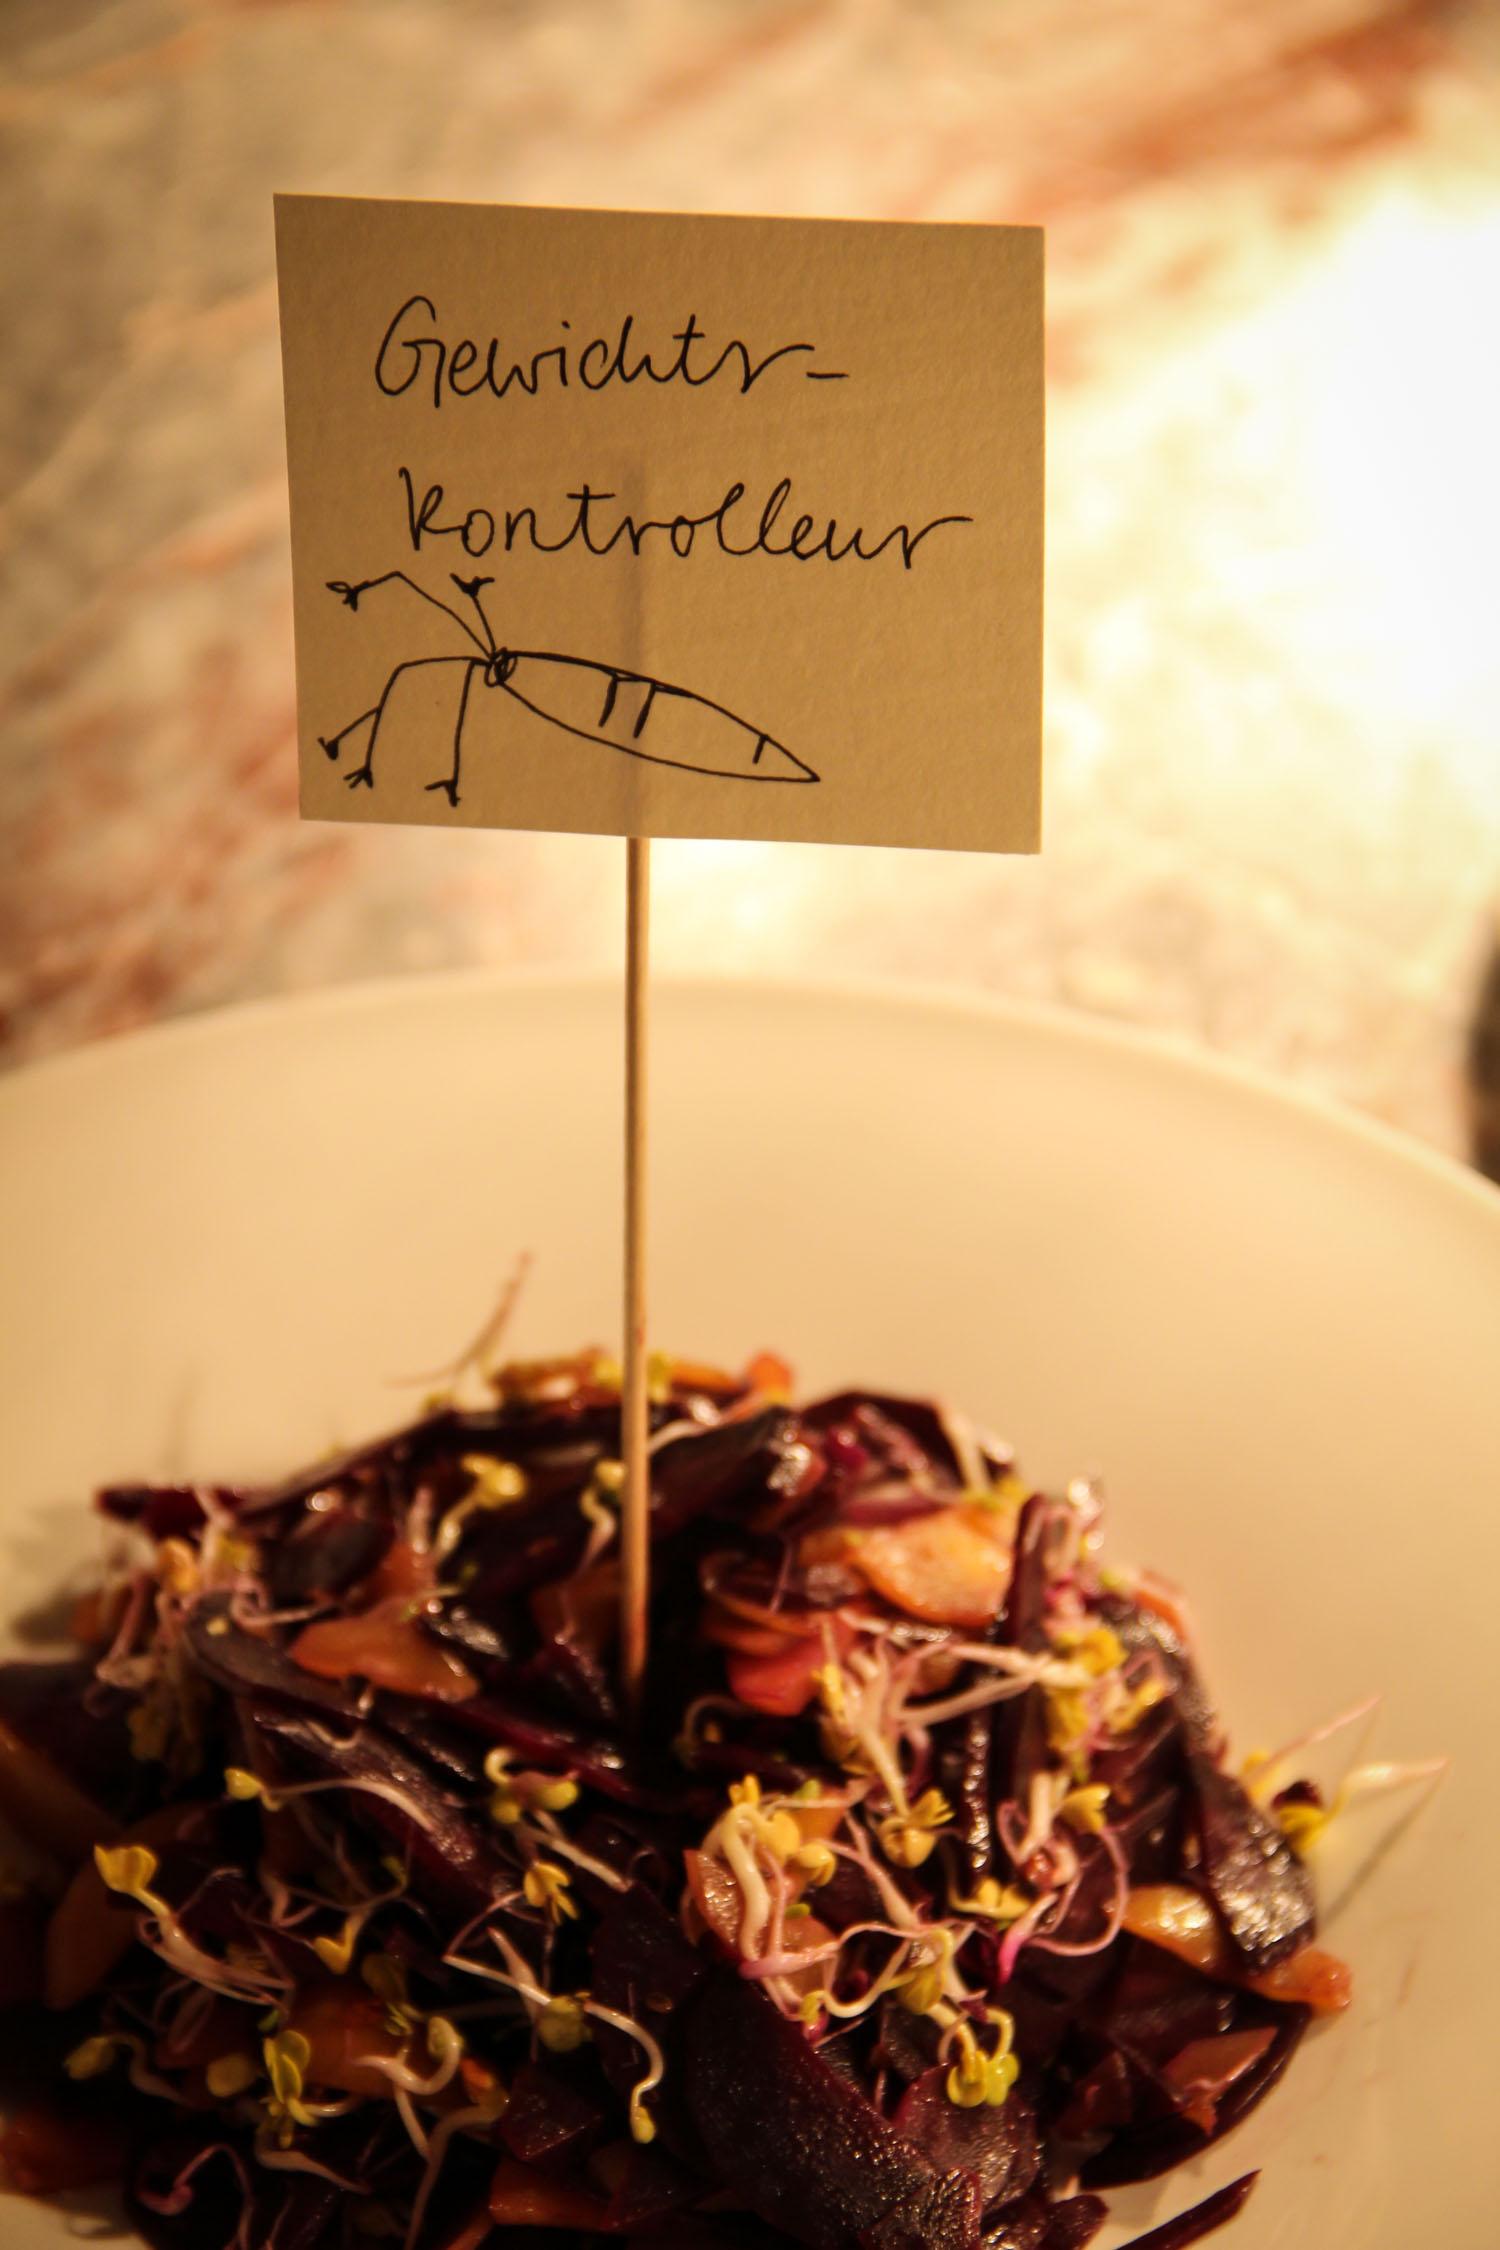 Wild and Root Heilkräfte Food Studio Berlin